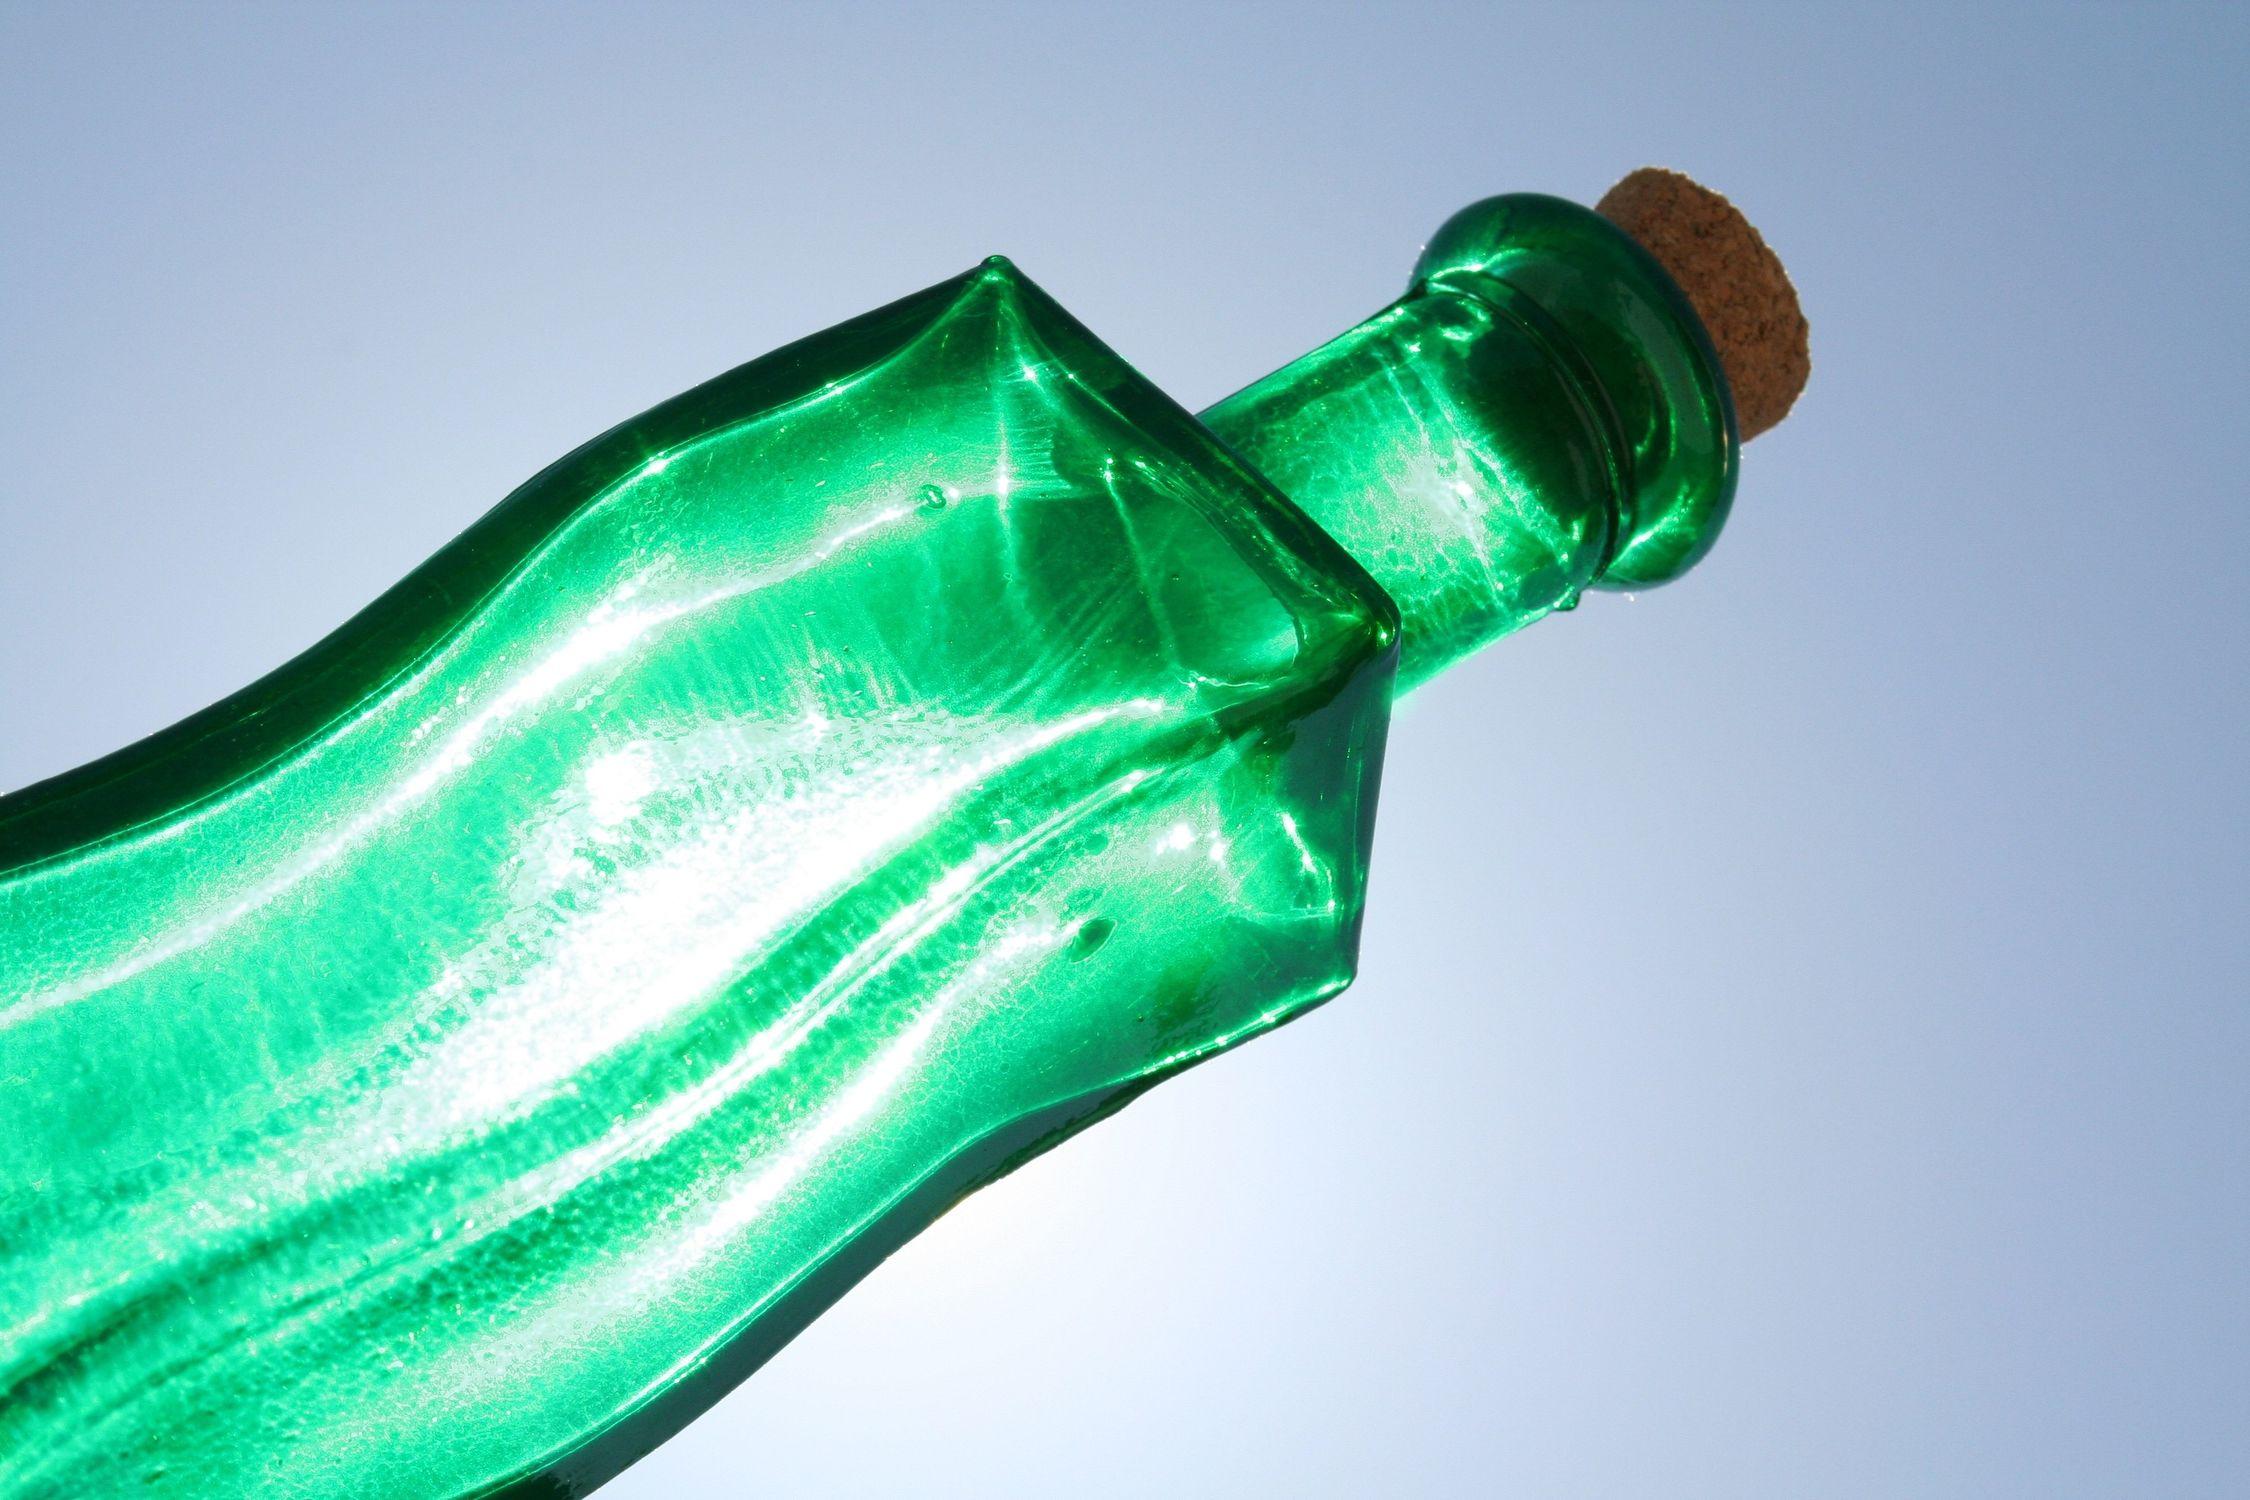 Bild mit Farben, Gegenstände, Natur, Elemente, Wasser, Grün, Lebensmittel, Materialien, Glas, Trinken, Flaschen, Flasche, Bottle